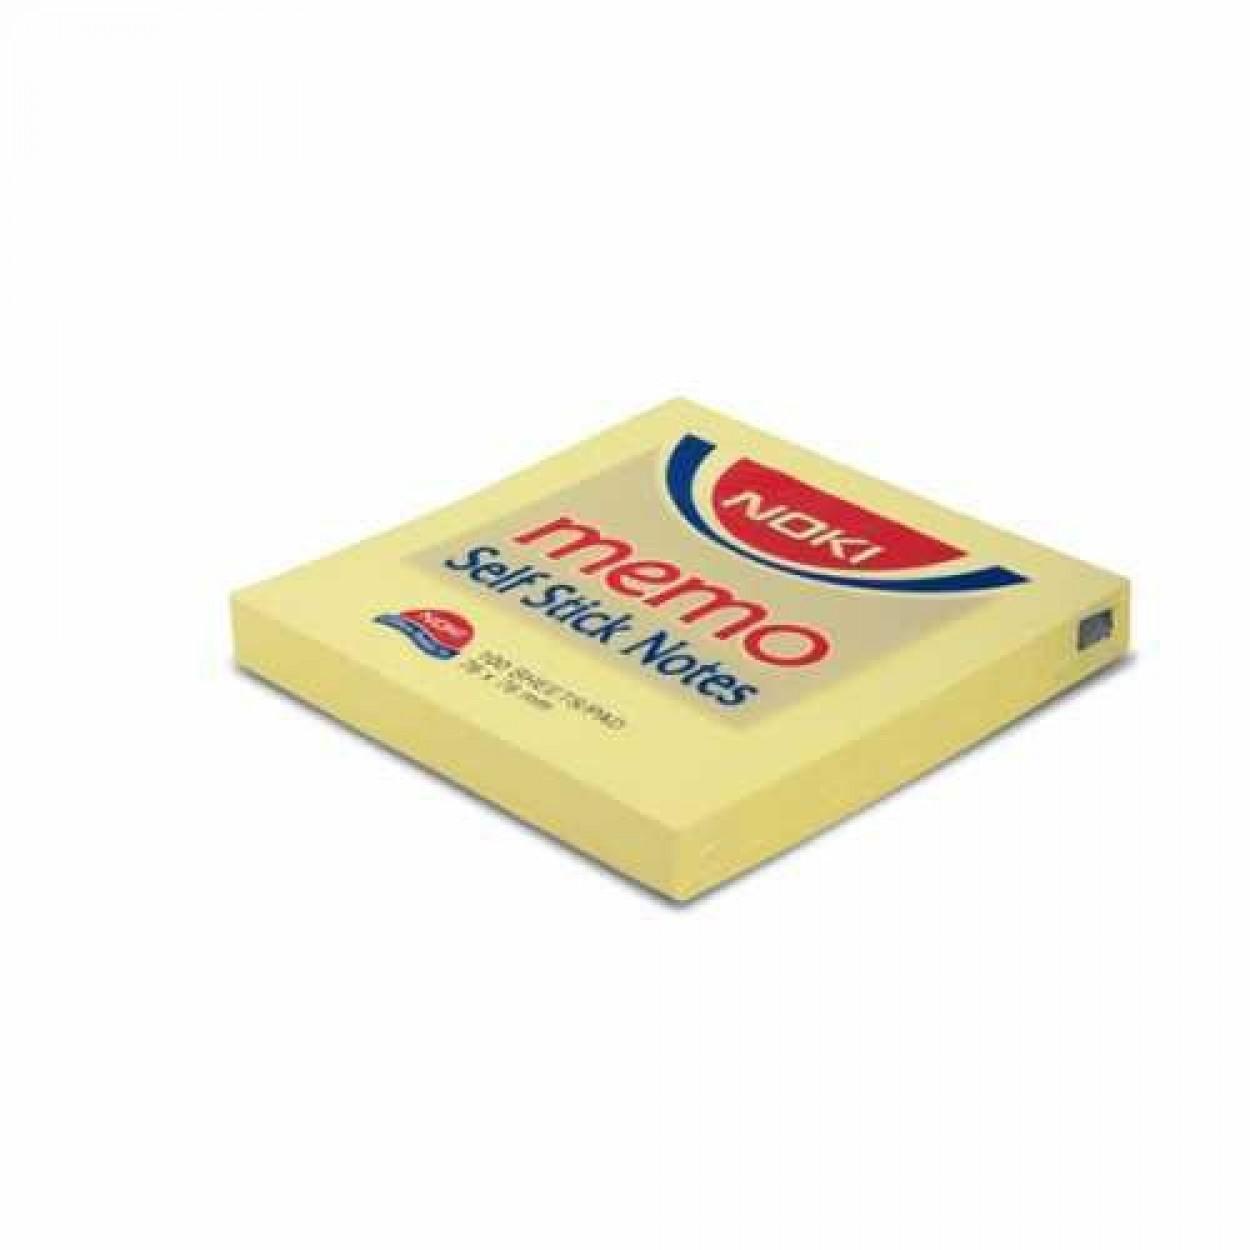 Noki Memo Stıck 51*75 Sarı Yapışkanlı Not Kağıdı 12 li Paket